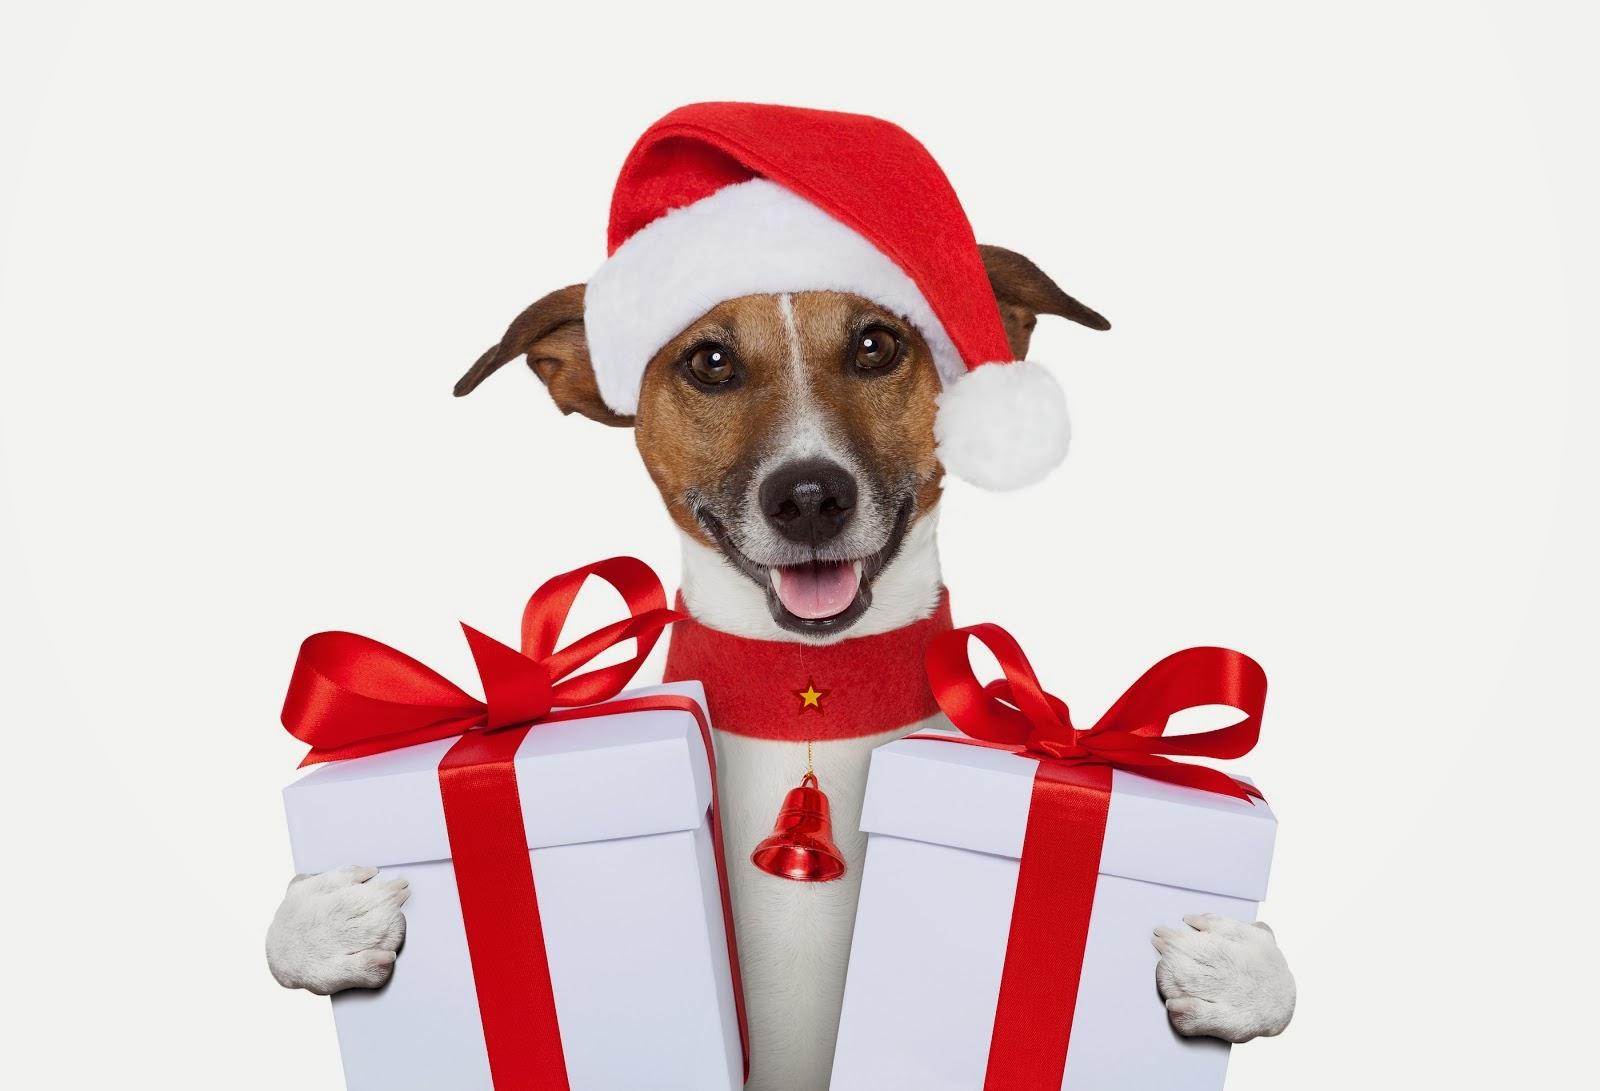 Dog-Christmas-gift-wallpapers132014.jpg